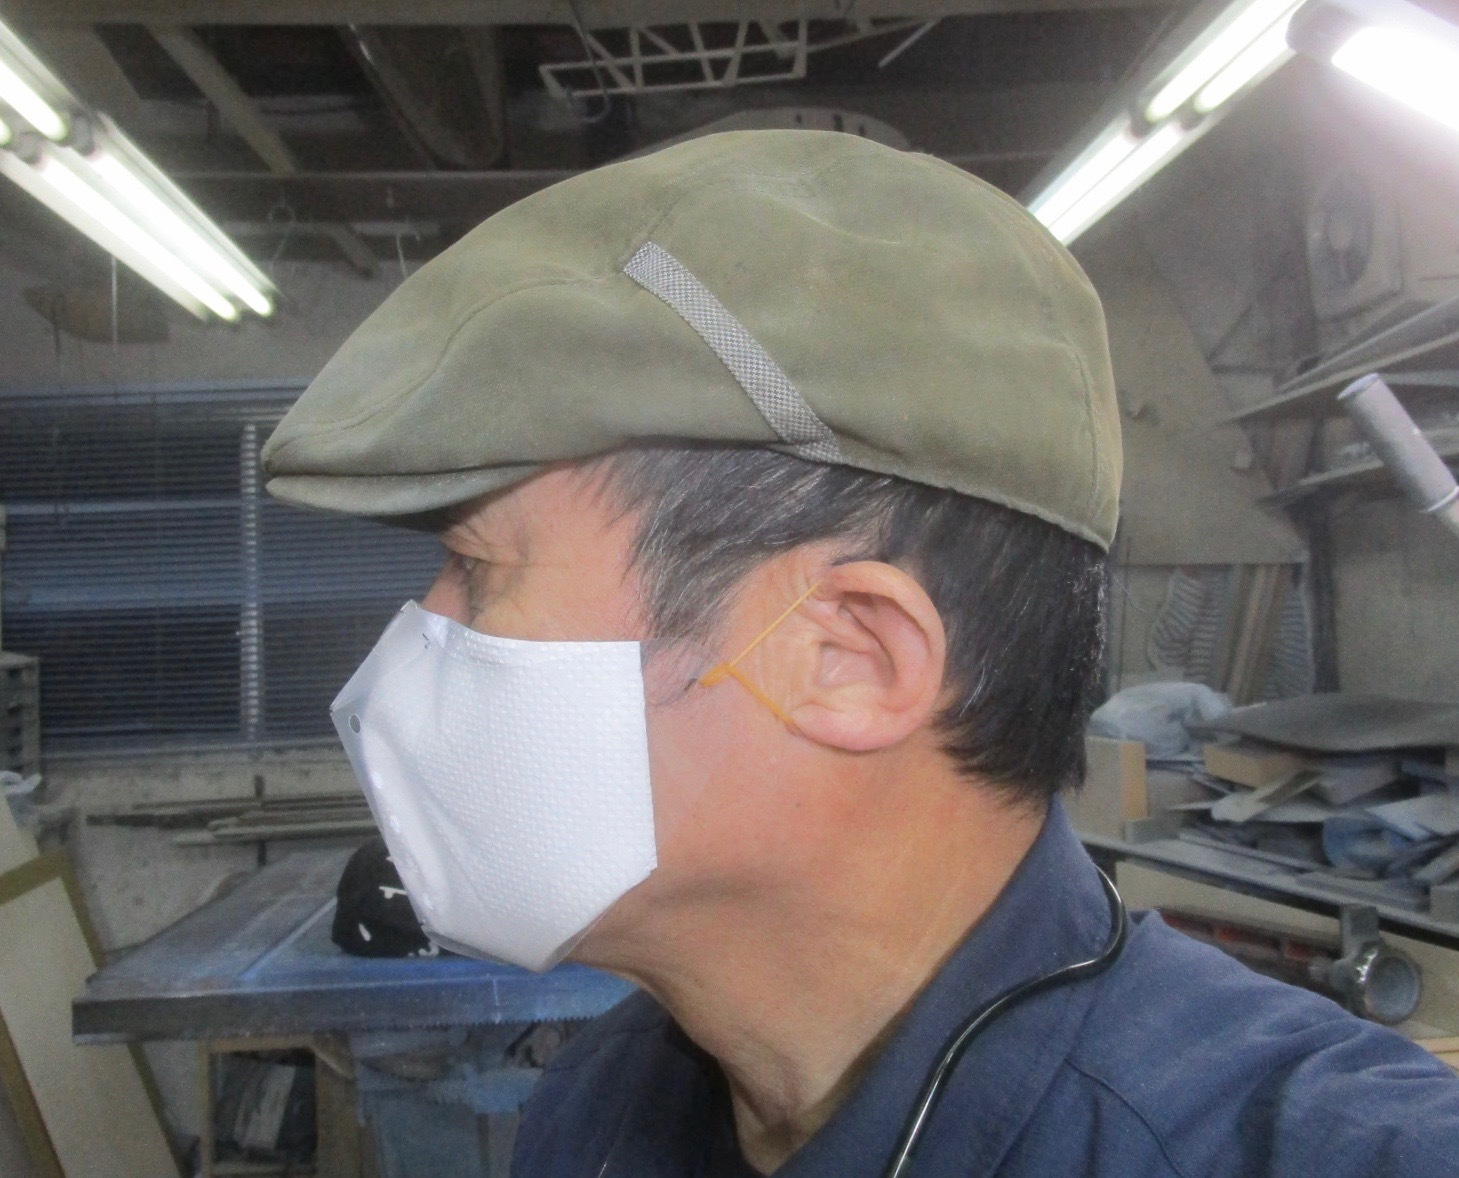 マスク不足になった時の備え_e0146402_20241849.jpeg